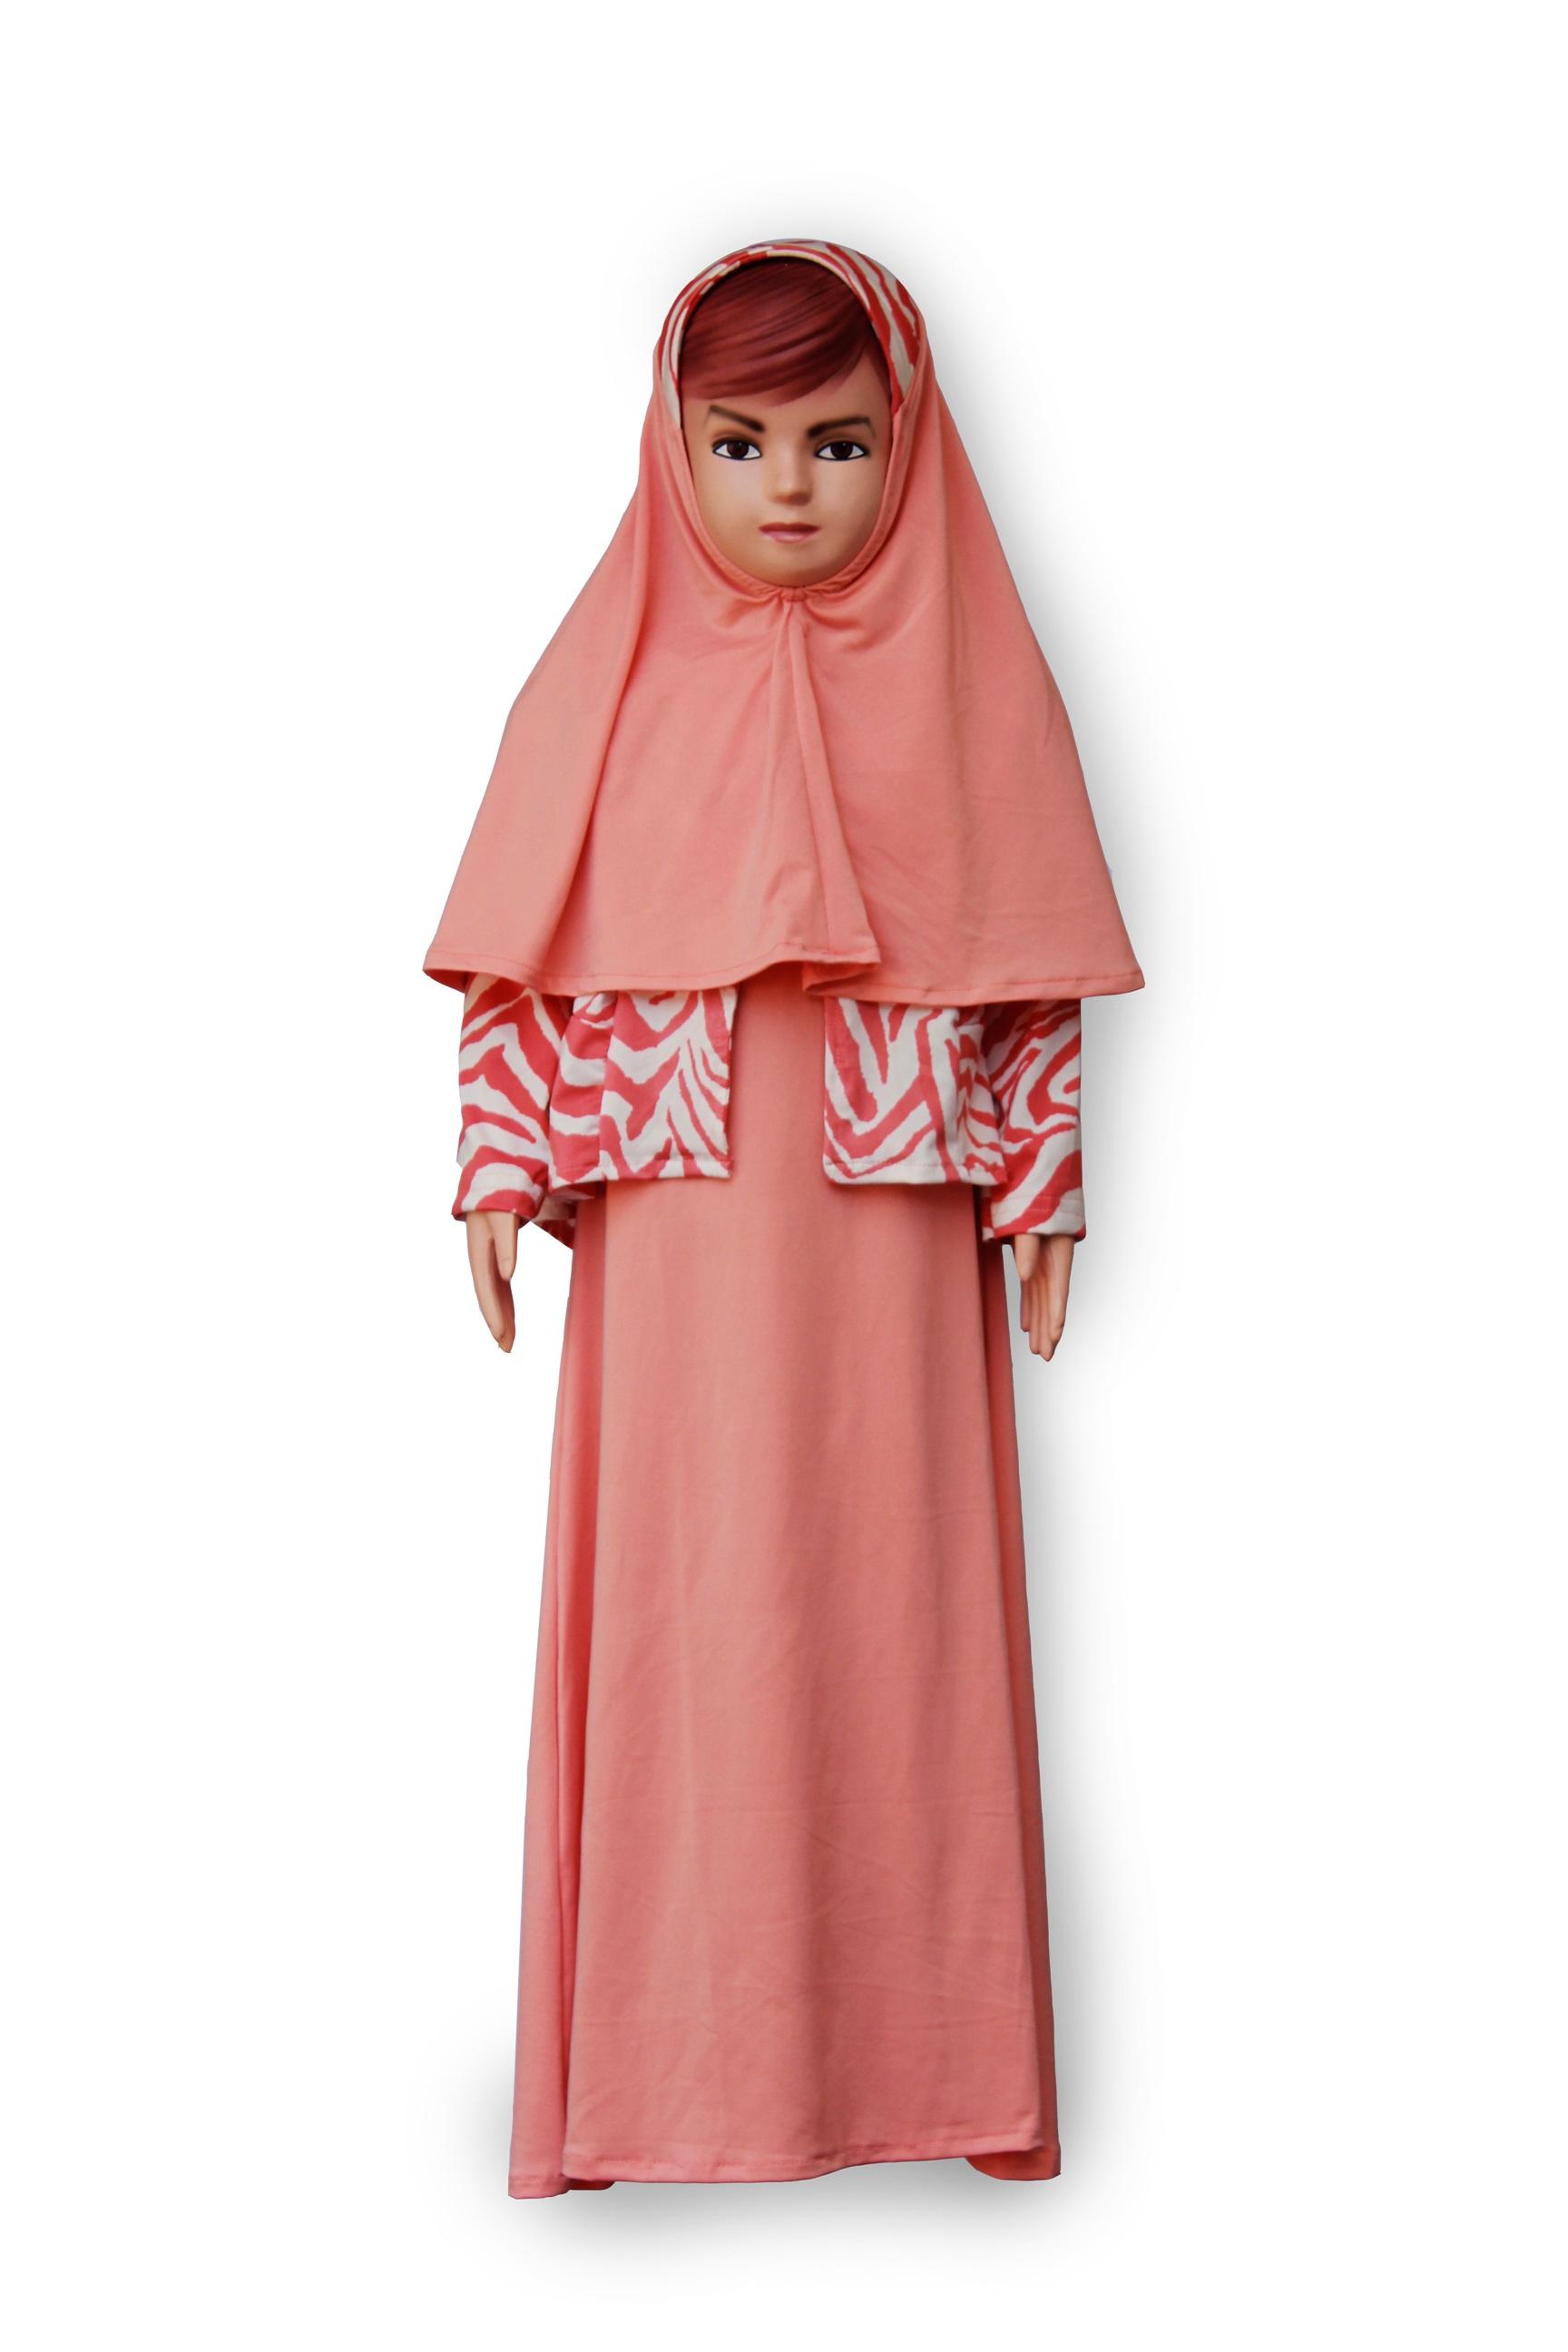 Baju Gamis Anak Perempuan Murah 1 - 5 tahun